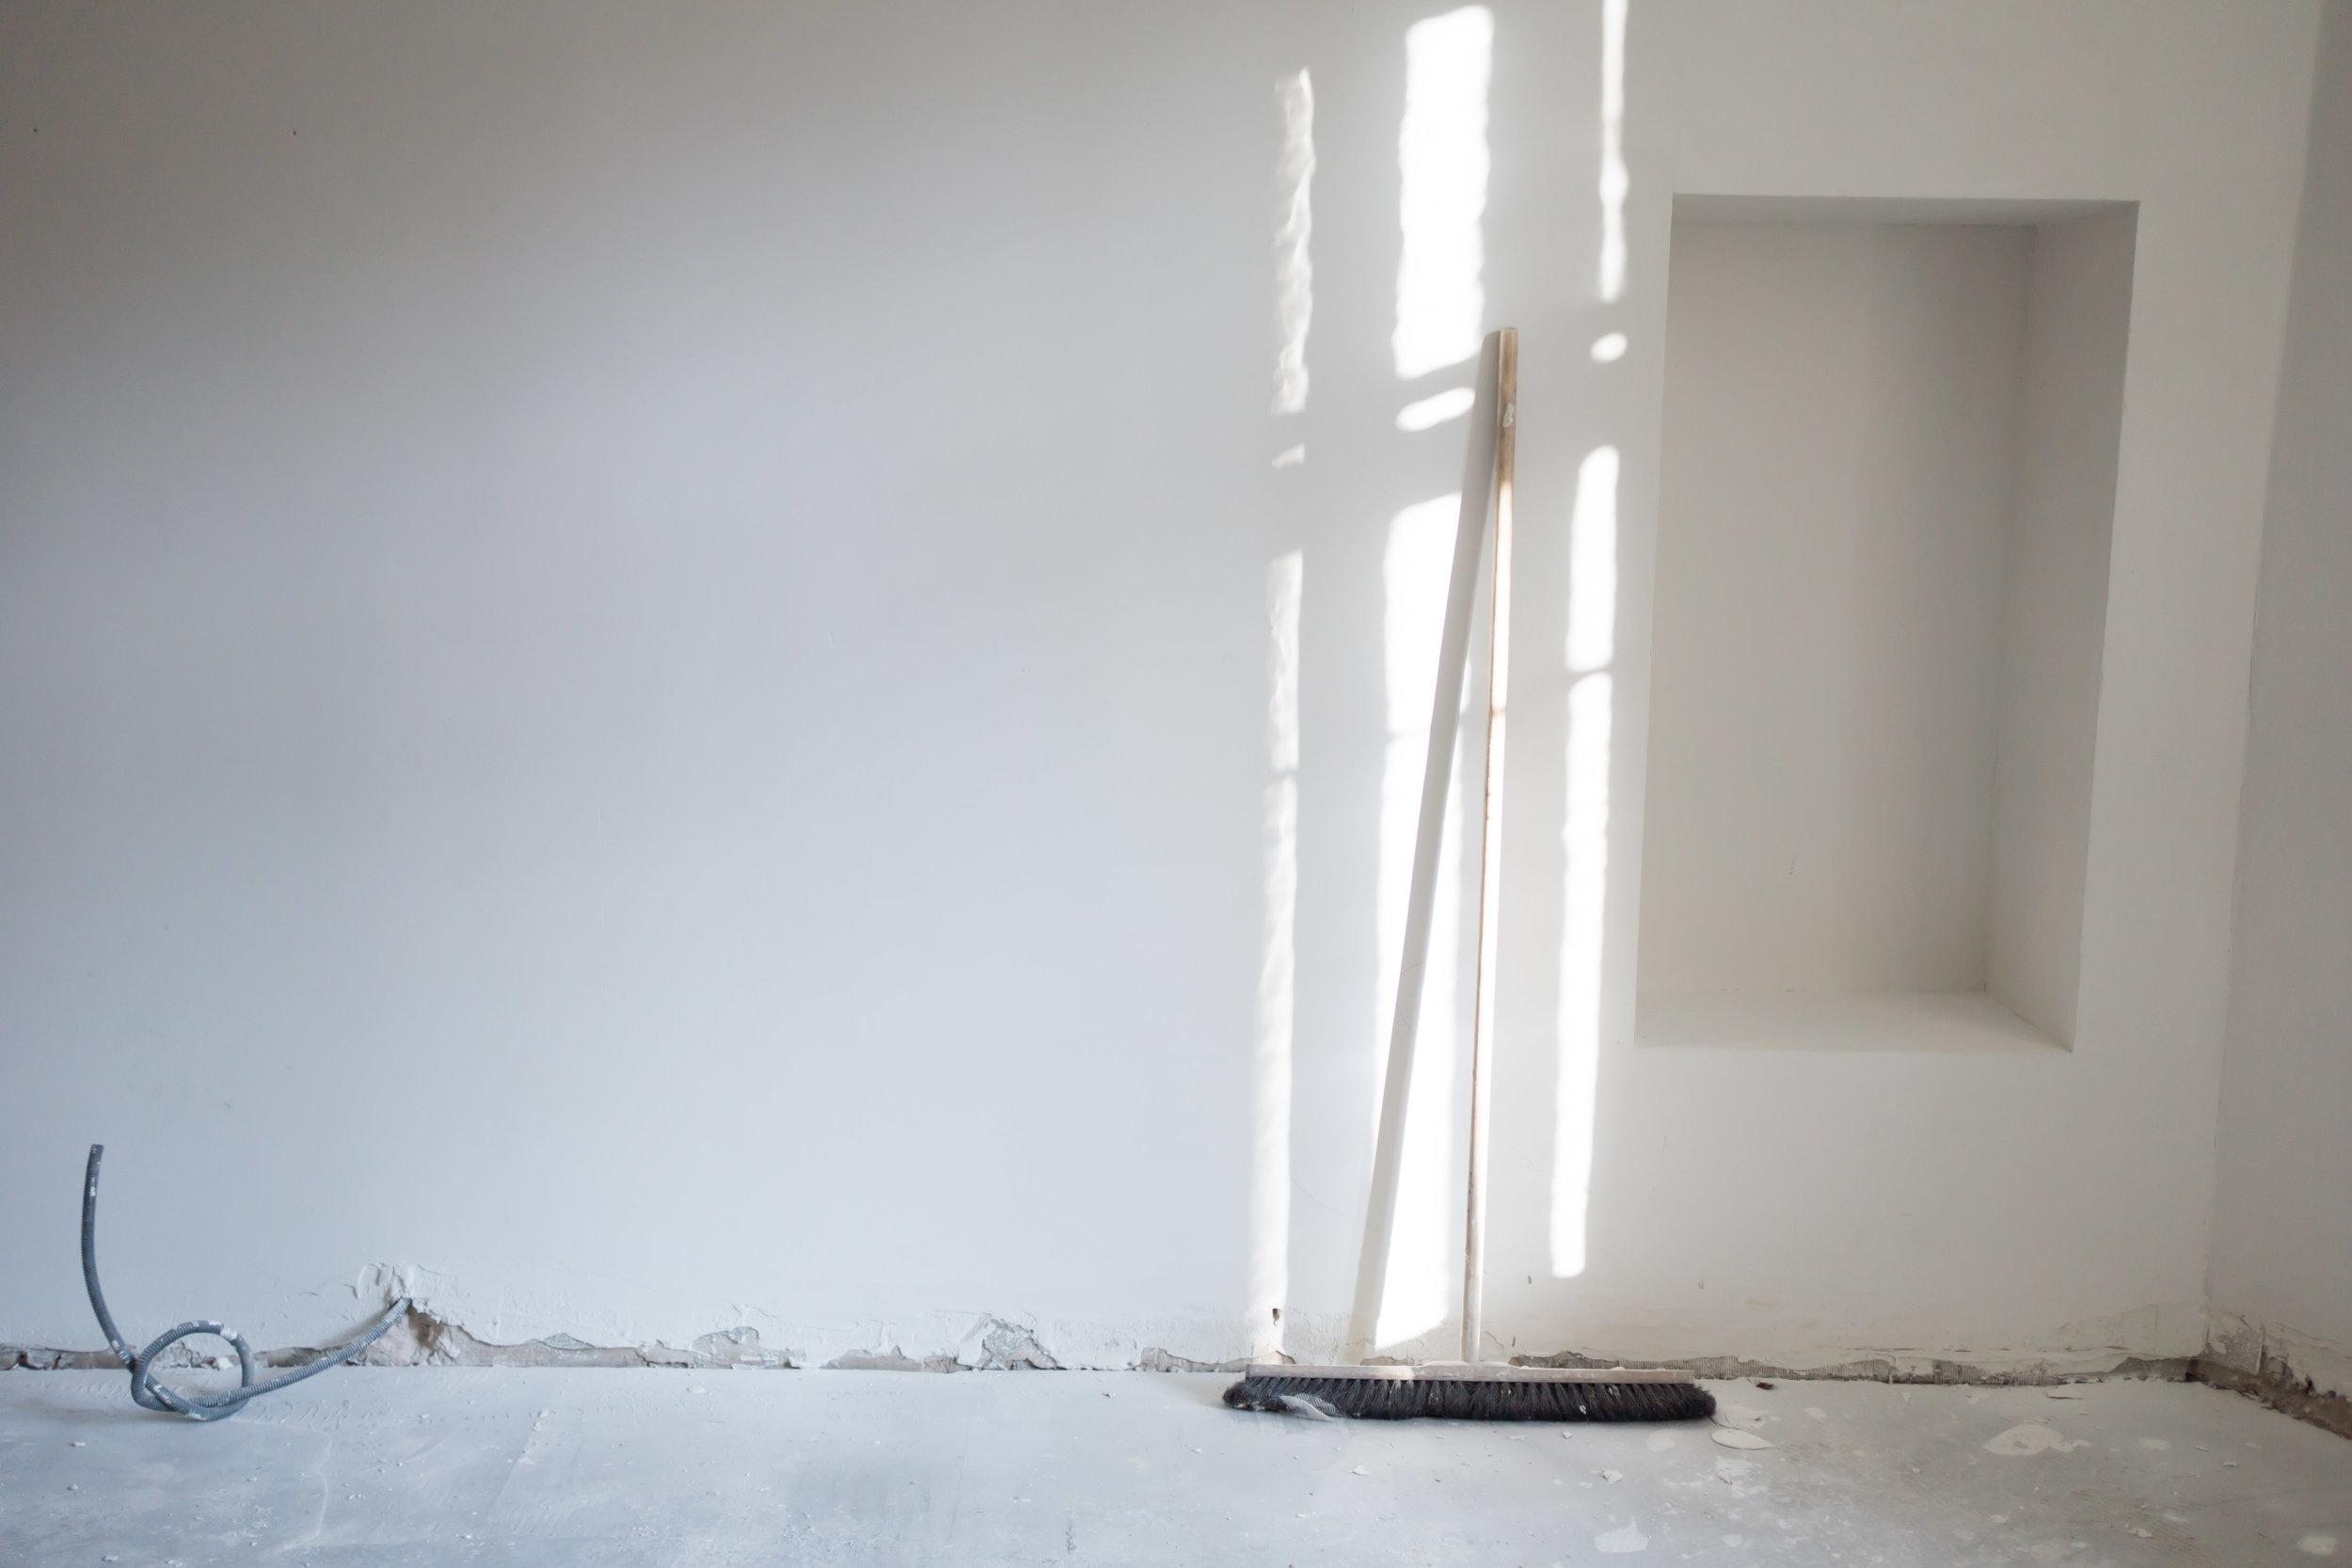 Edellinen asukas oli puhkonut keittiöstä pienen aukon huoneeseen, josta me teimme master bedroomin (hänellä ko. huone oli tainnut toimia olohuoneena). Aukko oli ahdistavan matala ja muutenkin epäkäytännöllisessä kohdassa, joten päätimme sulkea sen ja tehdä makuuhuoneen puolelle kauniin syvänteen, joka saa toimittaa yöpöydän virkaa. Odotan jo, miten saan kauniin taulun nojaamaan tuonne taustalle ja pienen sommitelman sen eteen.